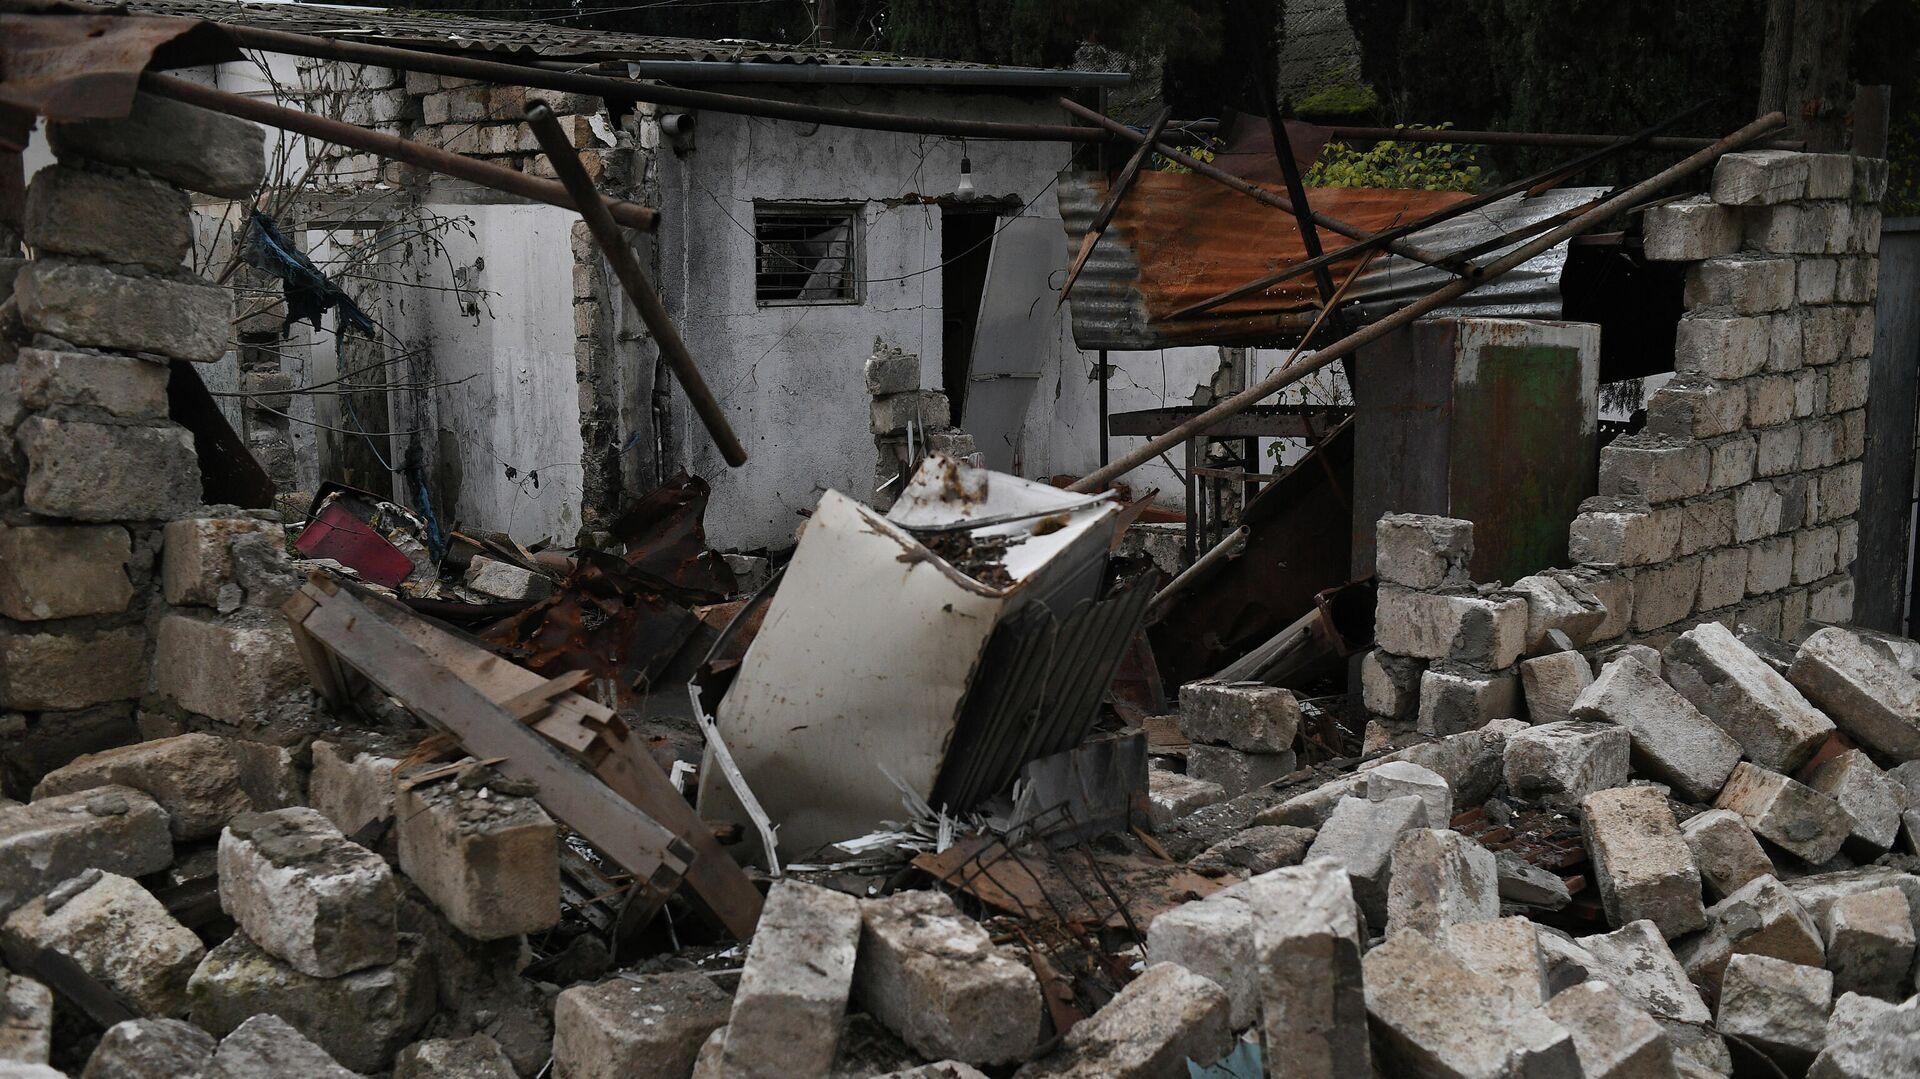 Разрушенные здания в населенном пункте Мартуни в Нагорном Карабахе - РИА Новости, 1920, 23.11.2020